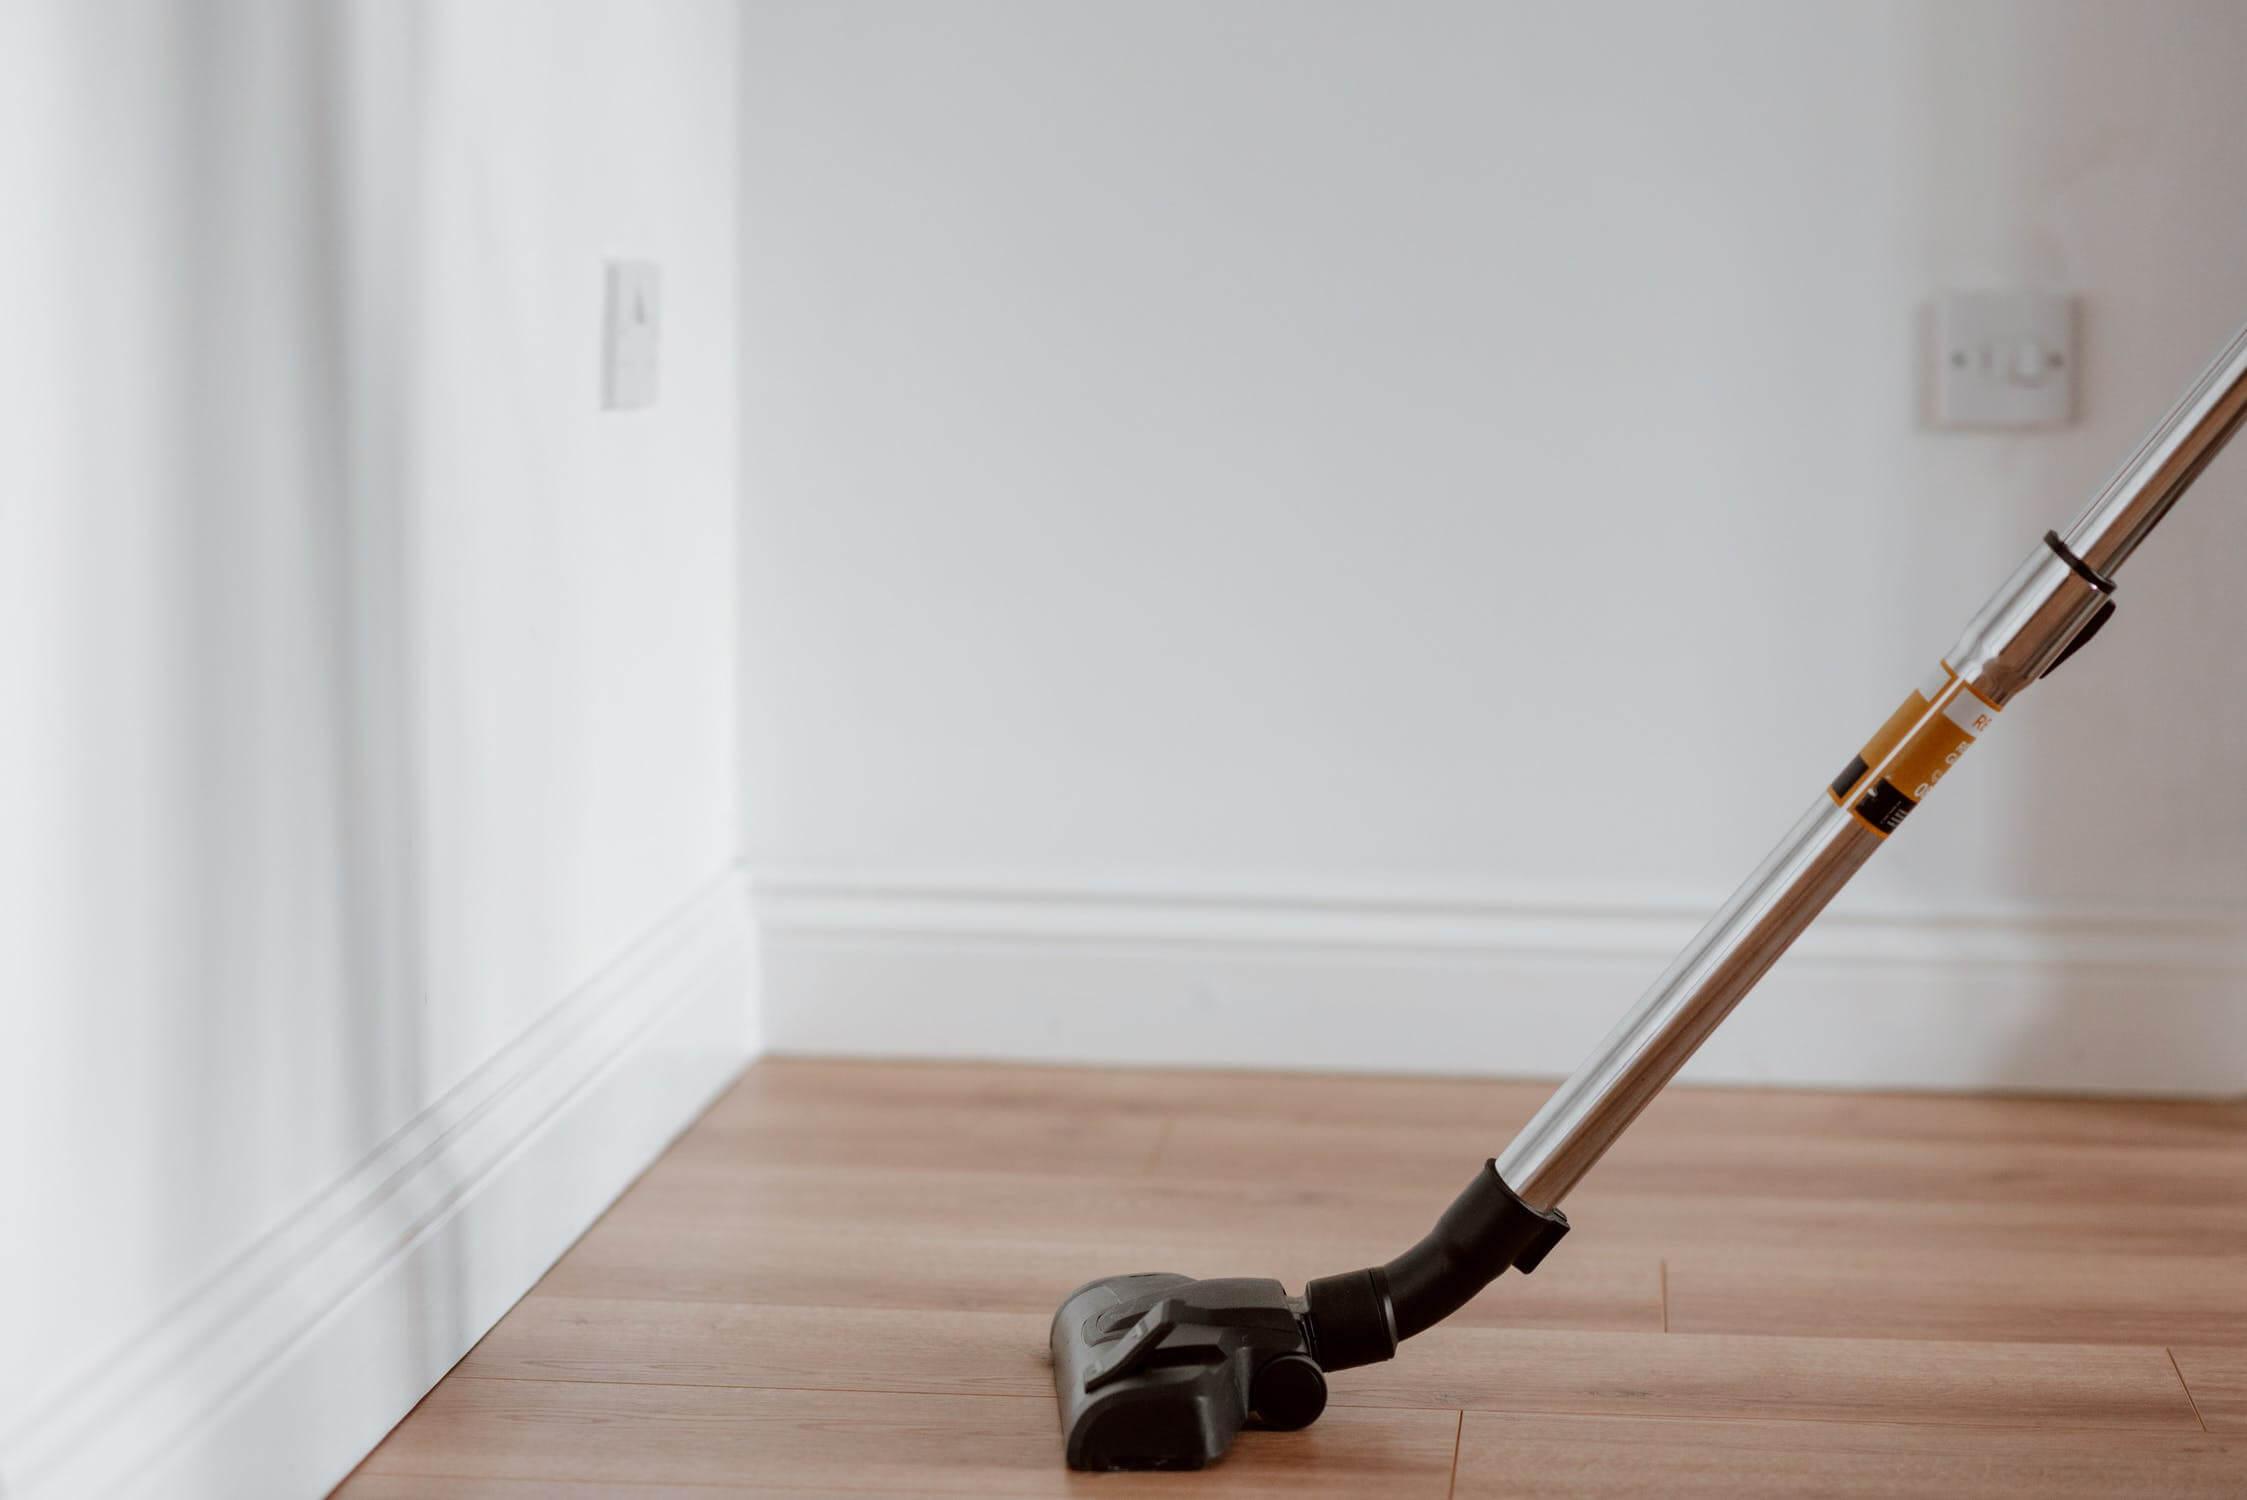 canister vacuum on hardwood floors